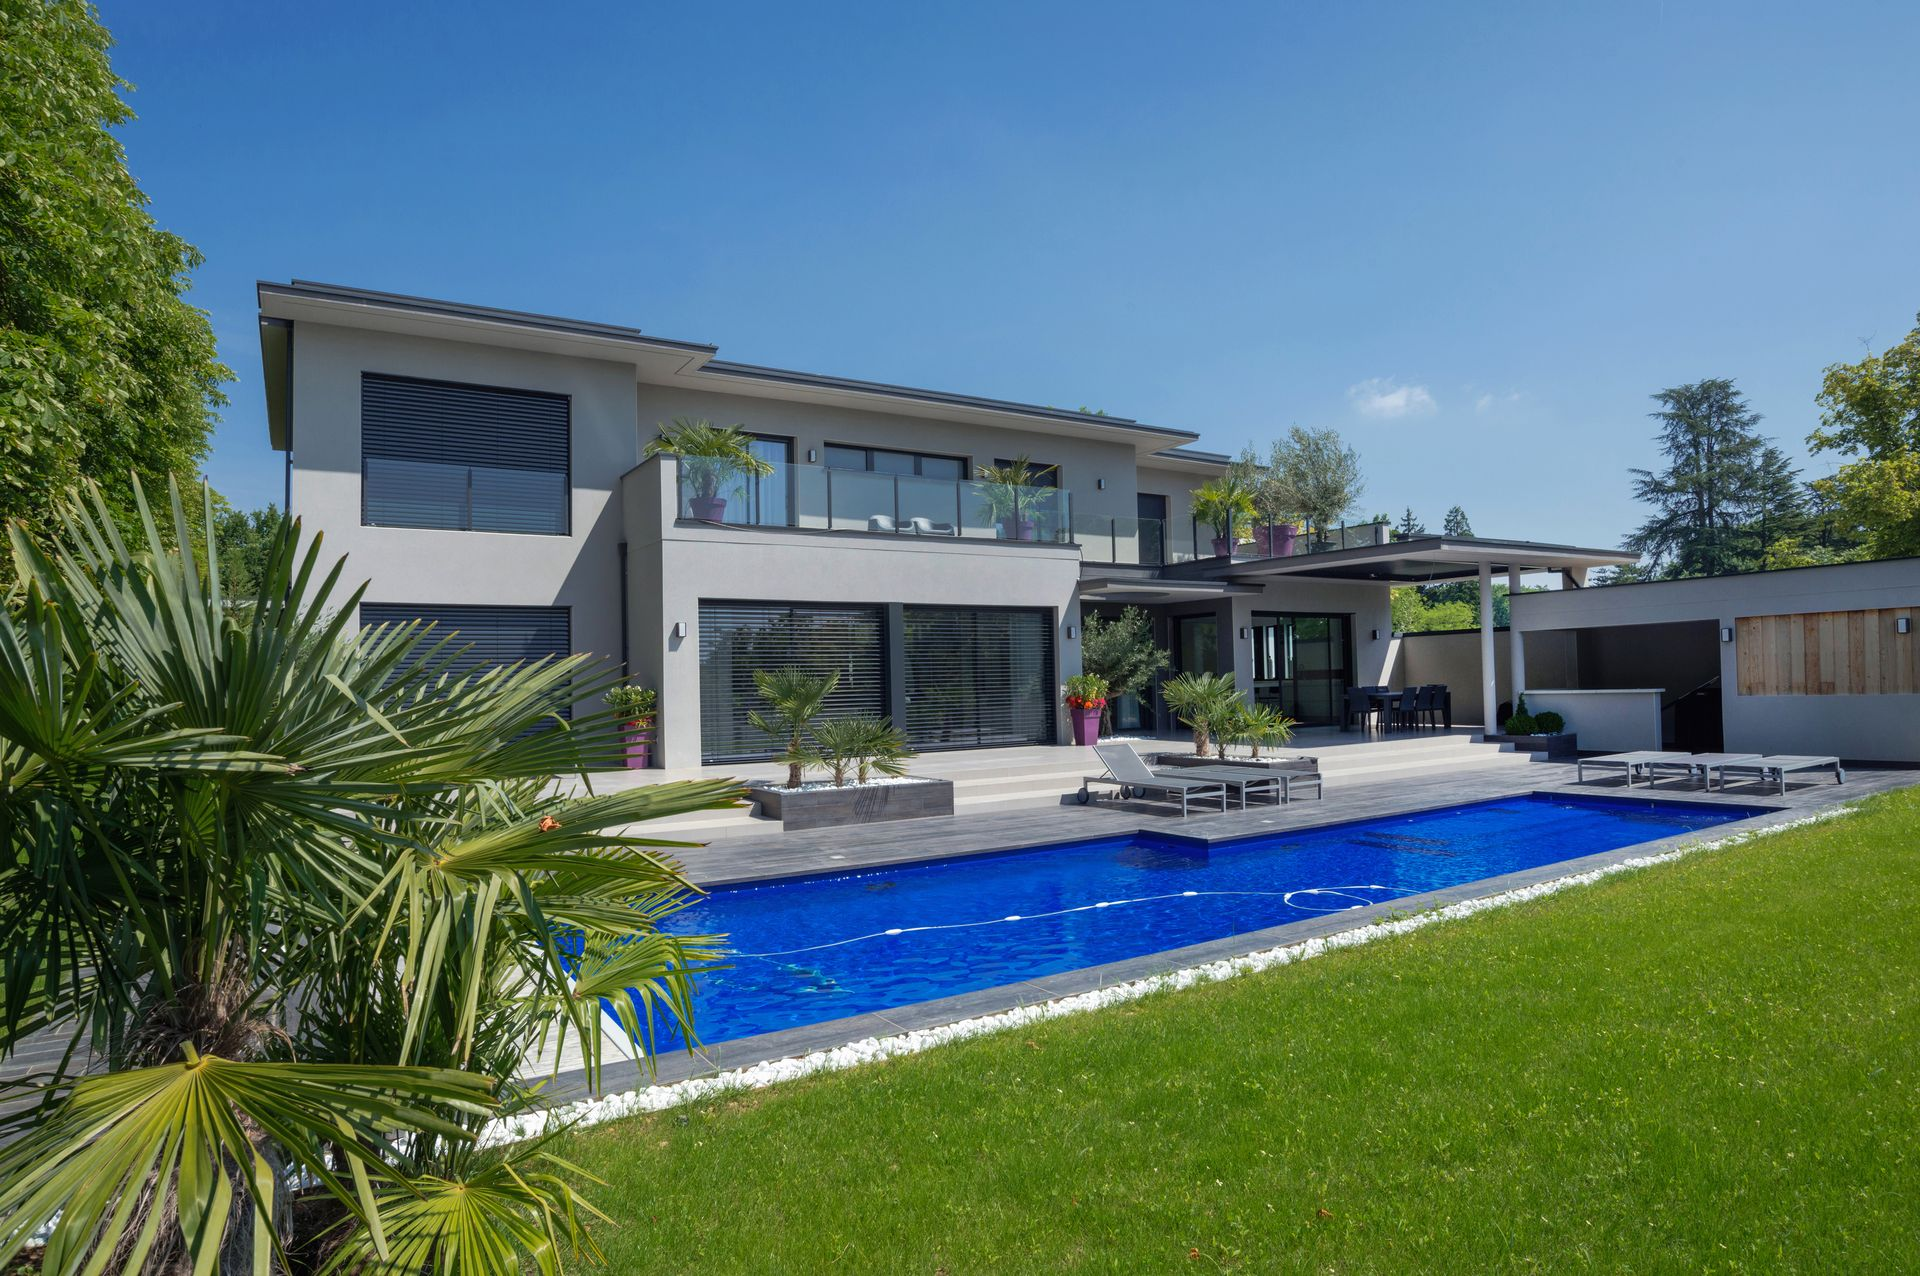 maison-design-architecturale-moderne-lyon